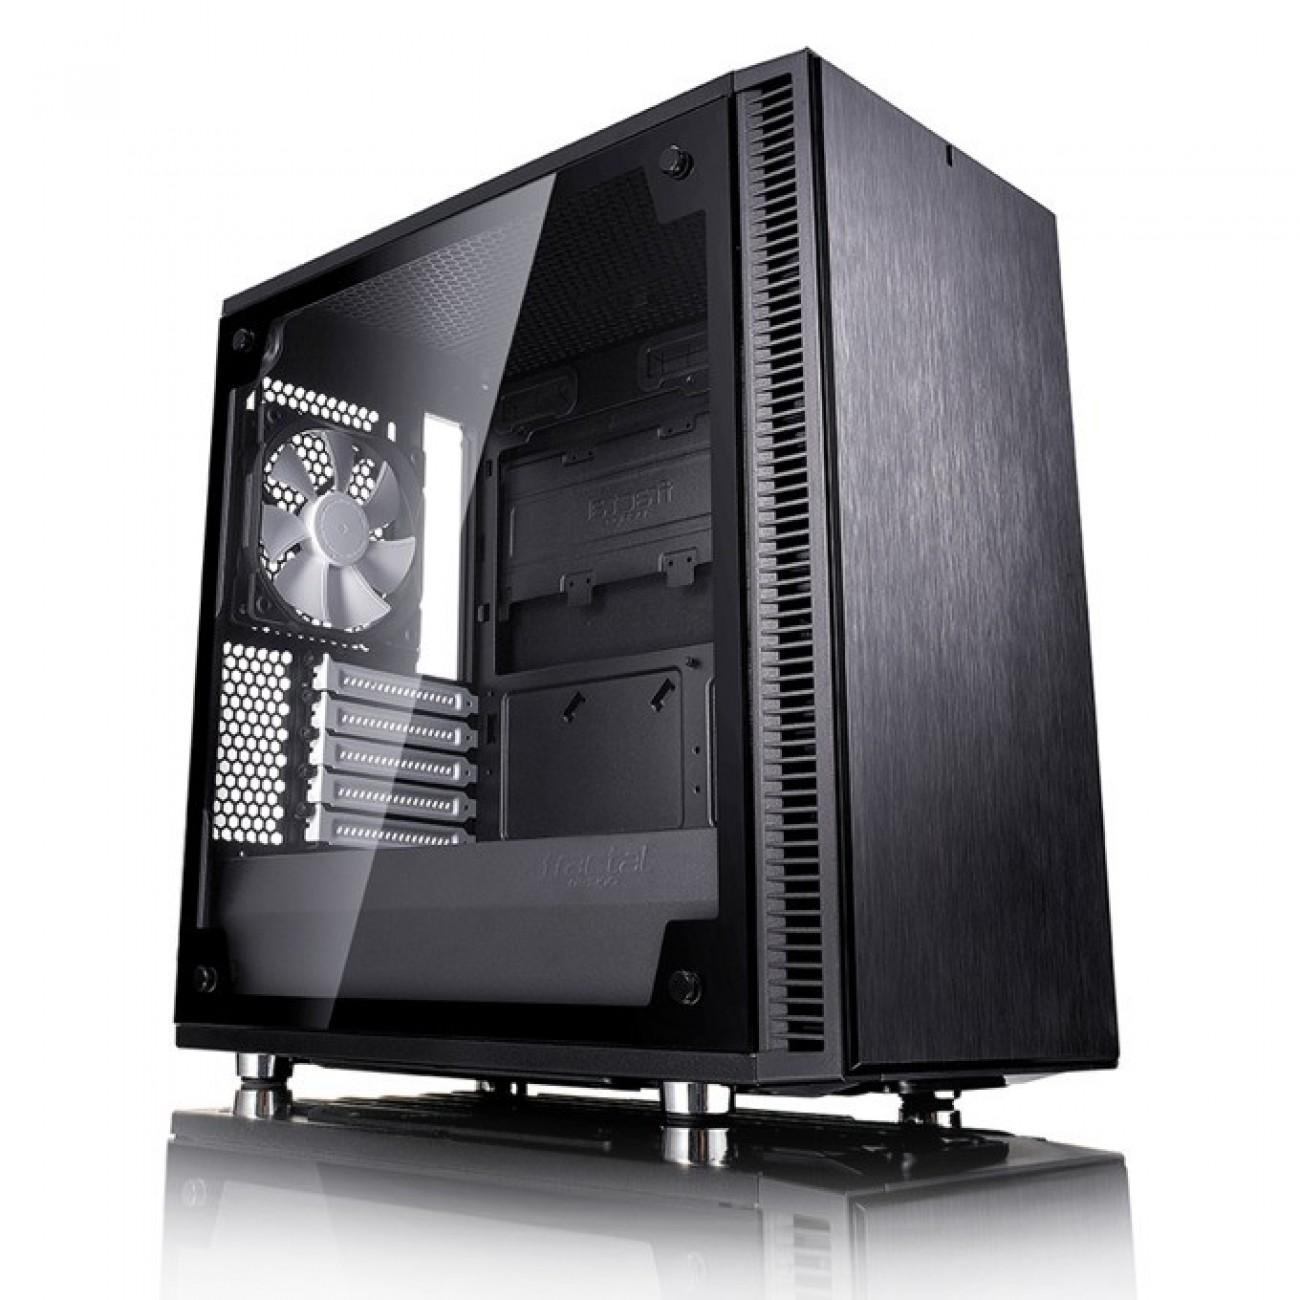 Кутия Fractal Design Define Mini C TG, mATX/ITX, прозорец, черна, без захранване в Компютърни кутии -    Alleop